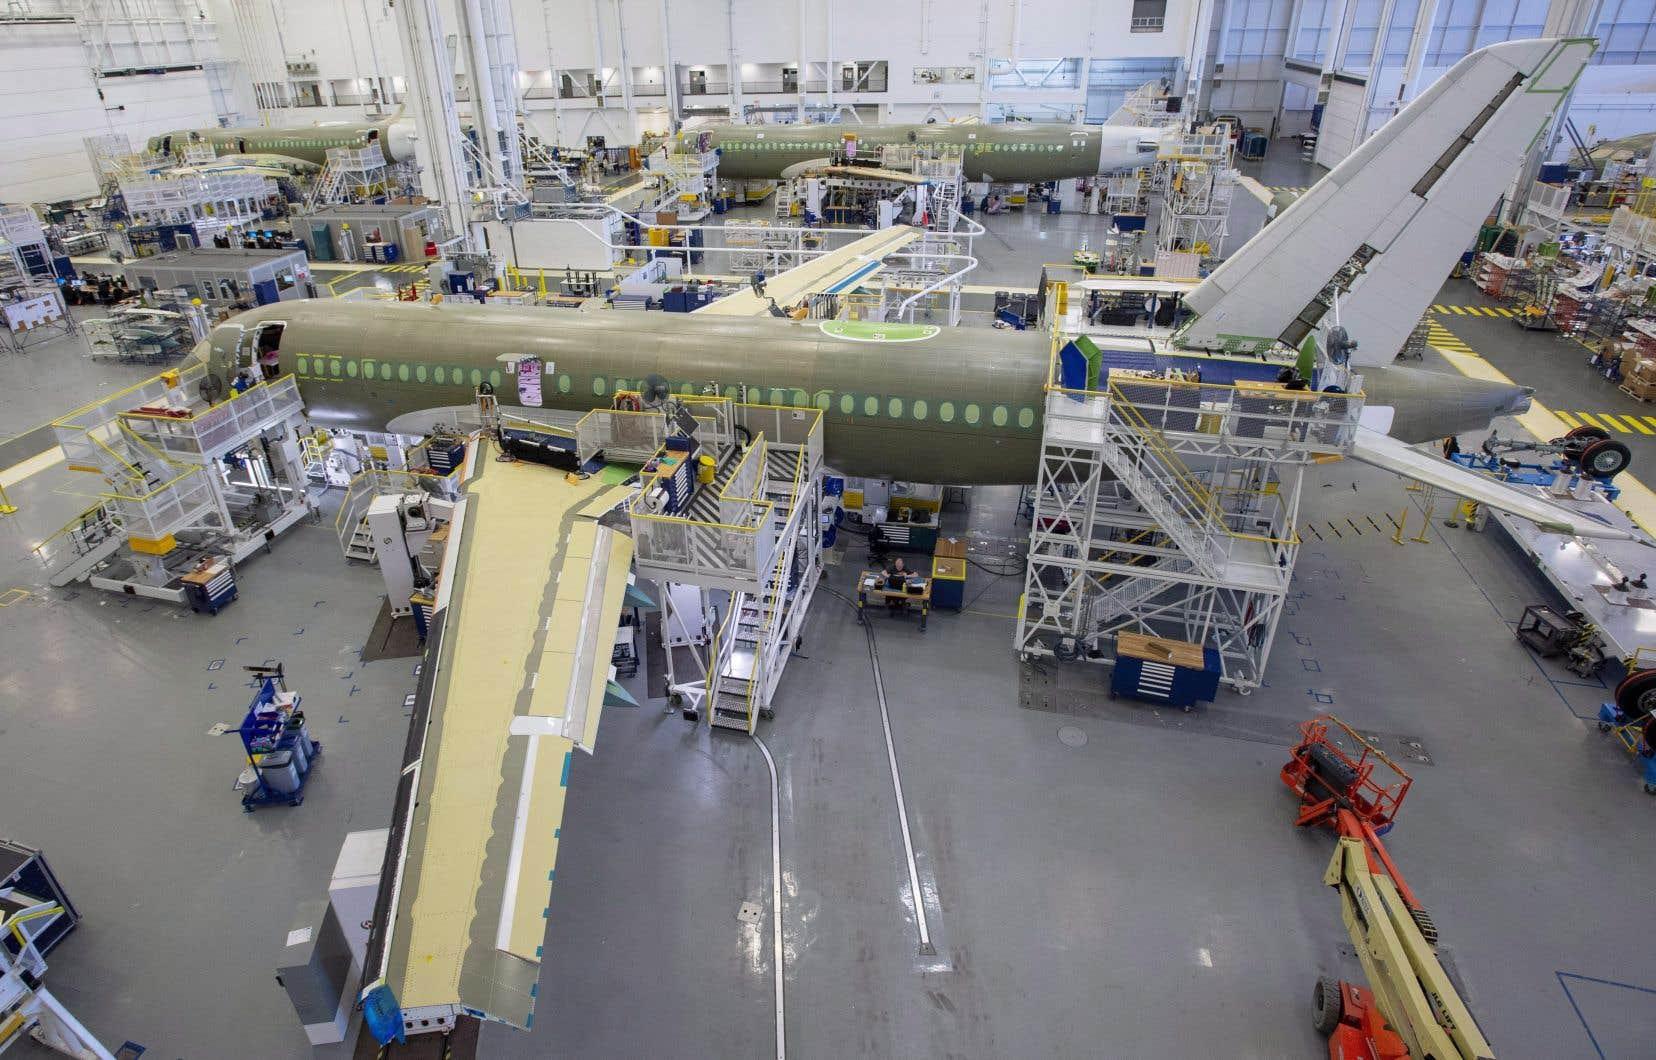 La livraison du premier A220 fabriqué aux États-Unis — un A220-300 destiné à Delta Air Lines — est prévue dans un an.